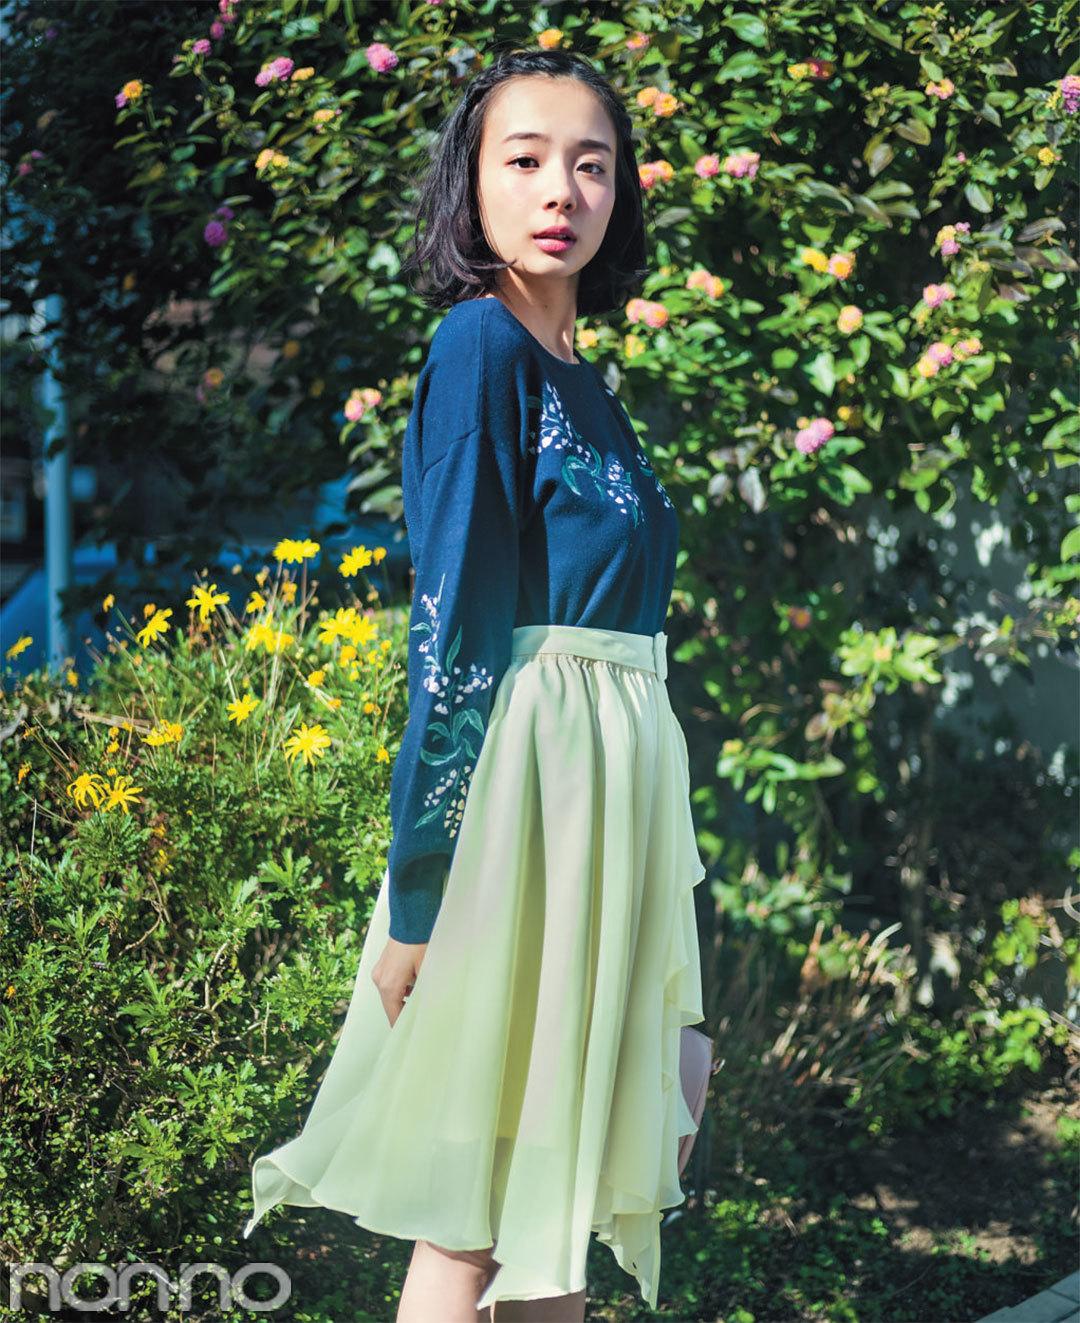 何買おう? って迷ったら、「春風スカート」を手に入れて!_1_1